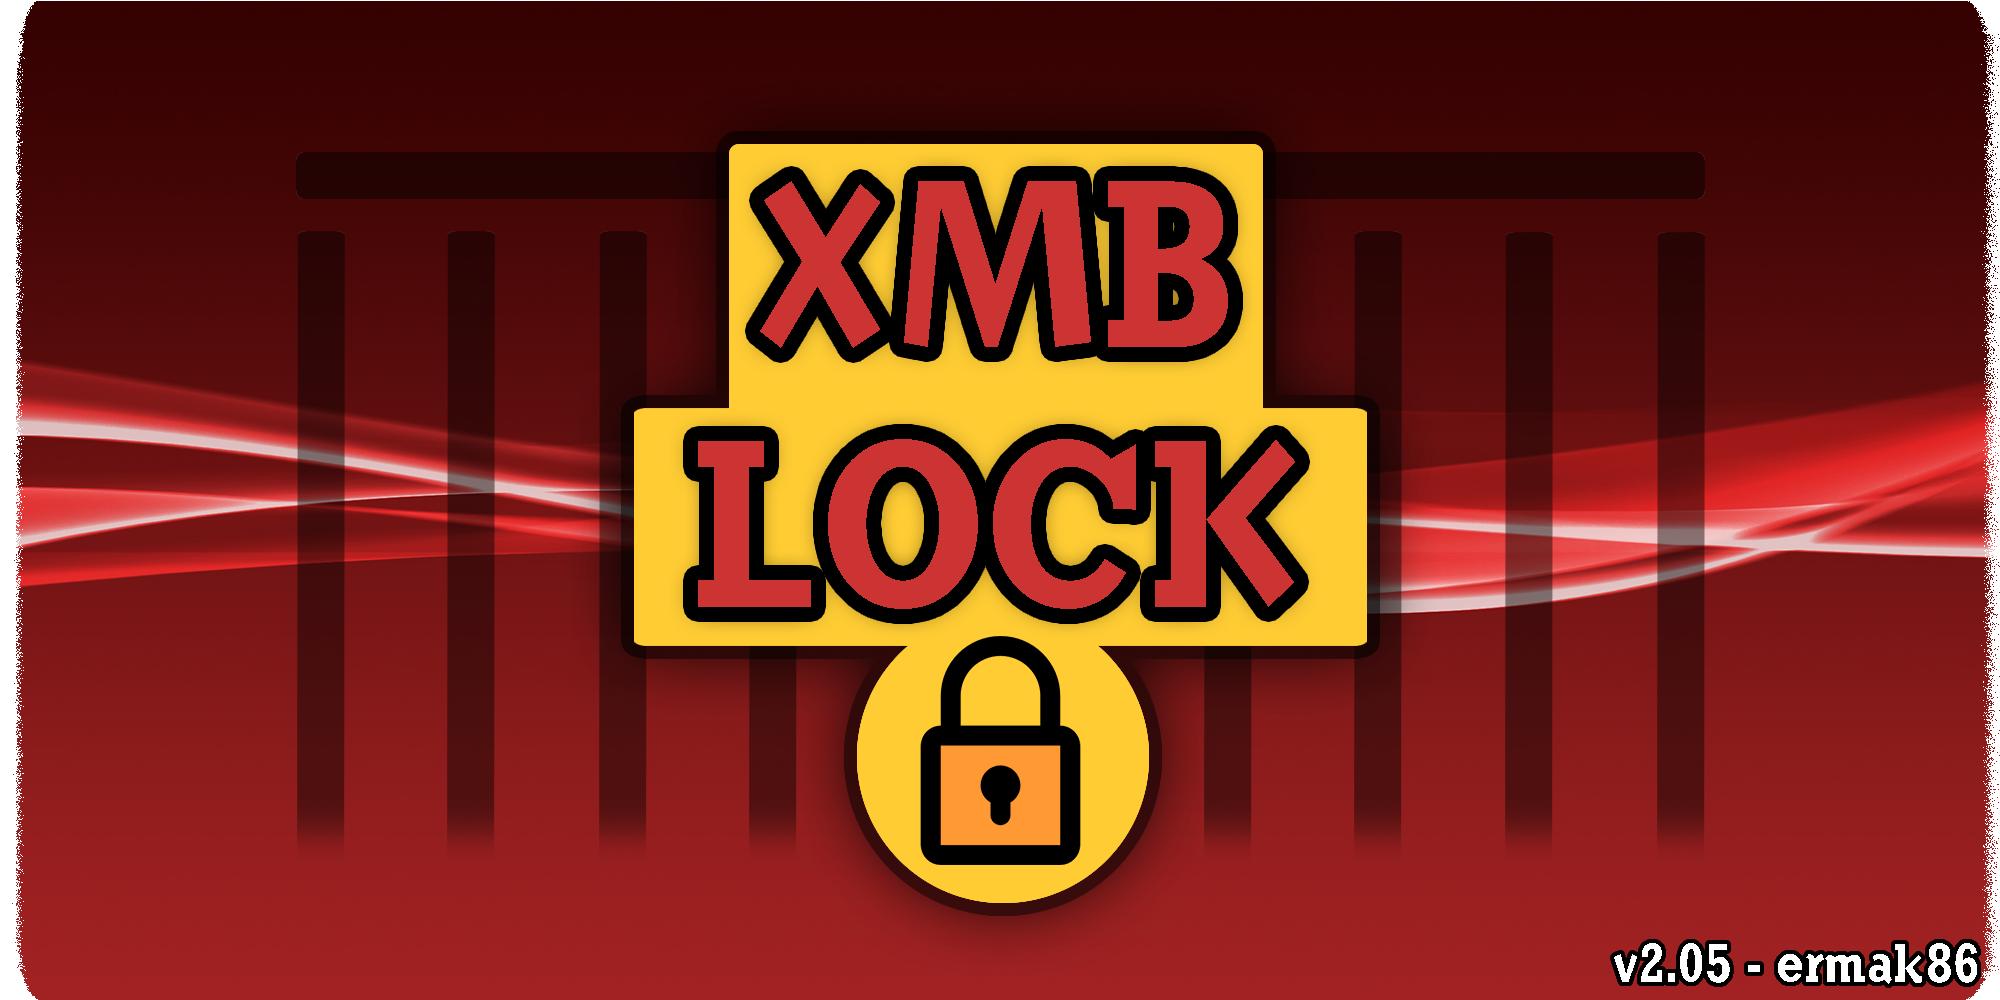 xmb lock.png